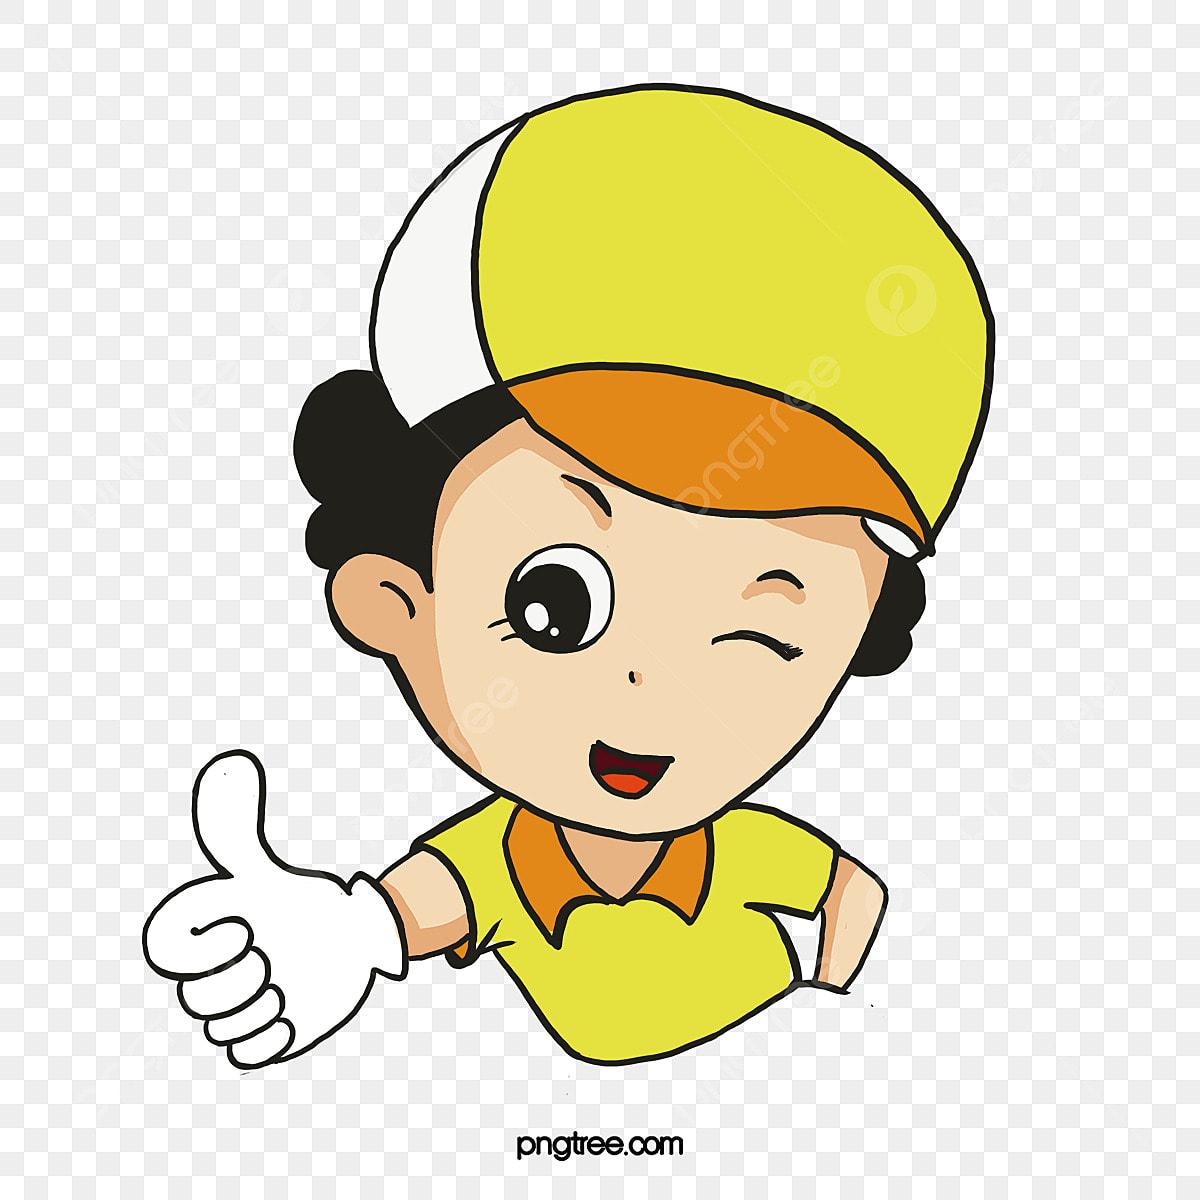 Thumbs up cute. Cartoon girl vector